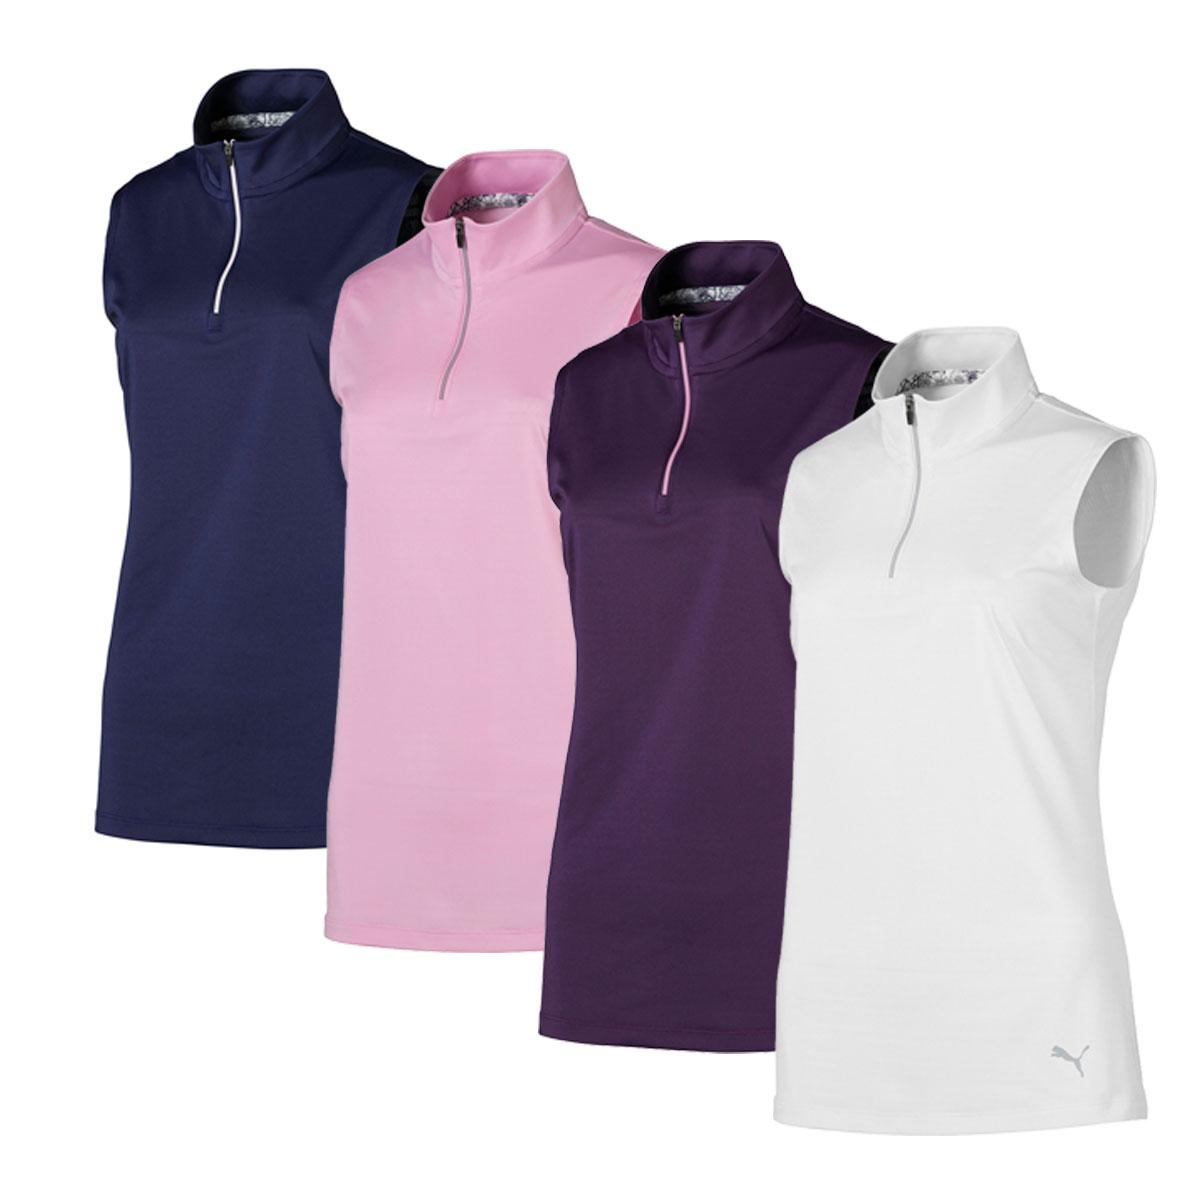 Puma Women's Sleeveless Mock Polo